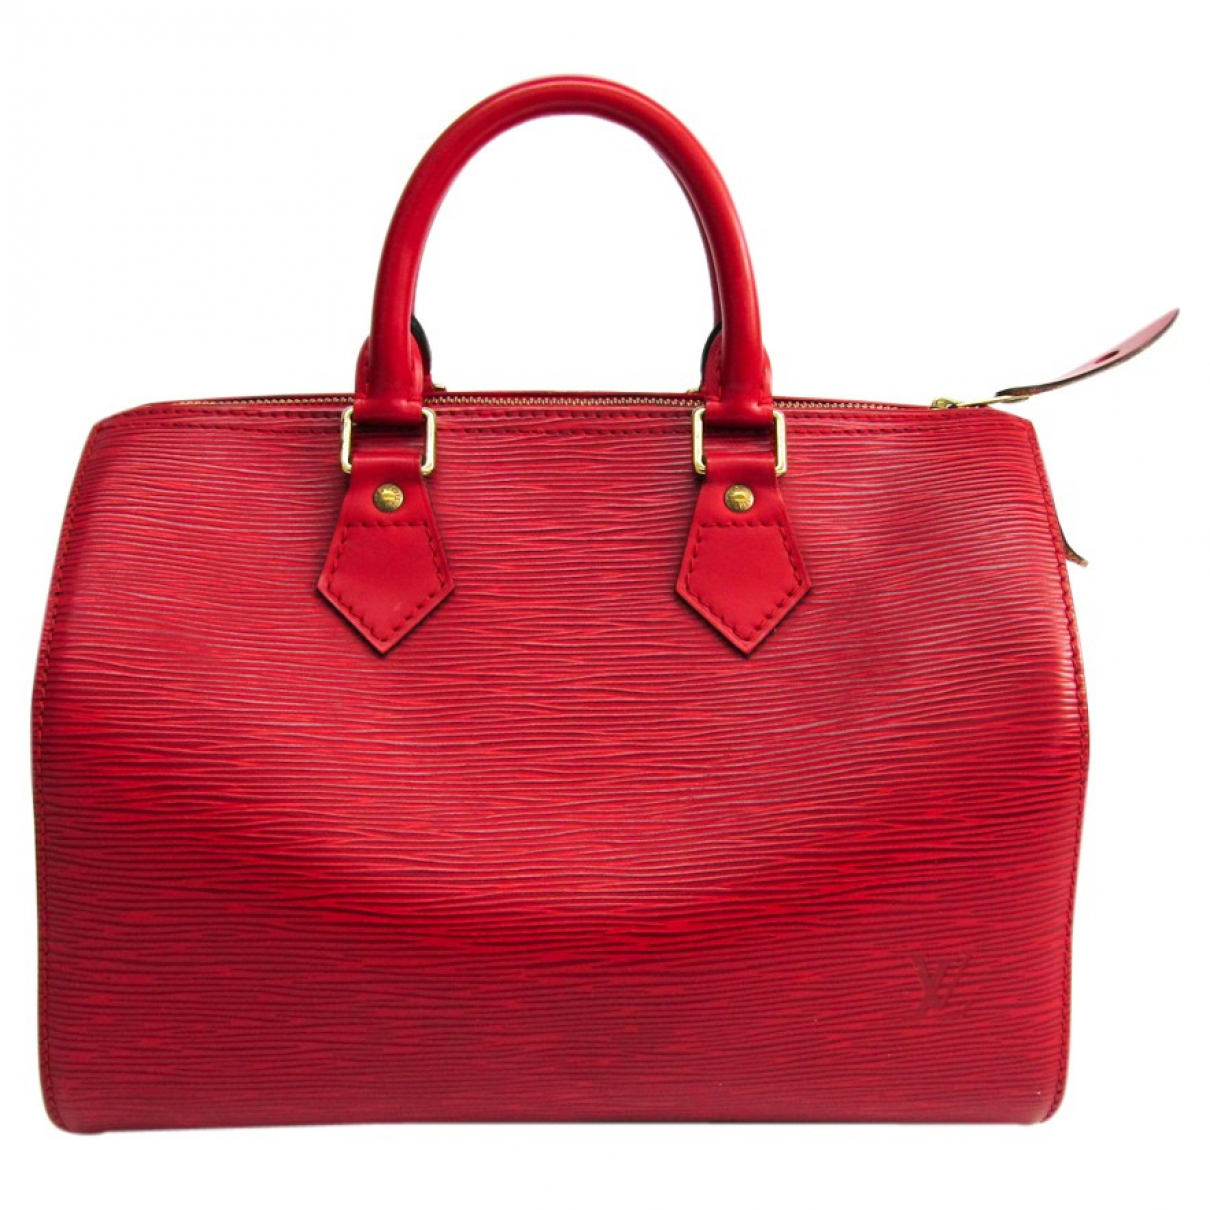 Louis Vuitton Speedy Handtasche in  Rot Leder